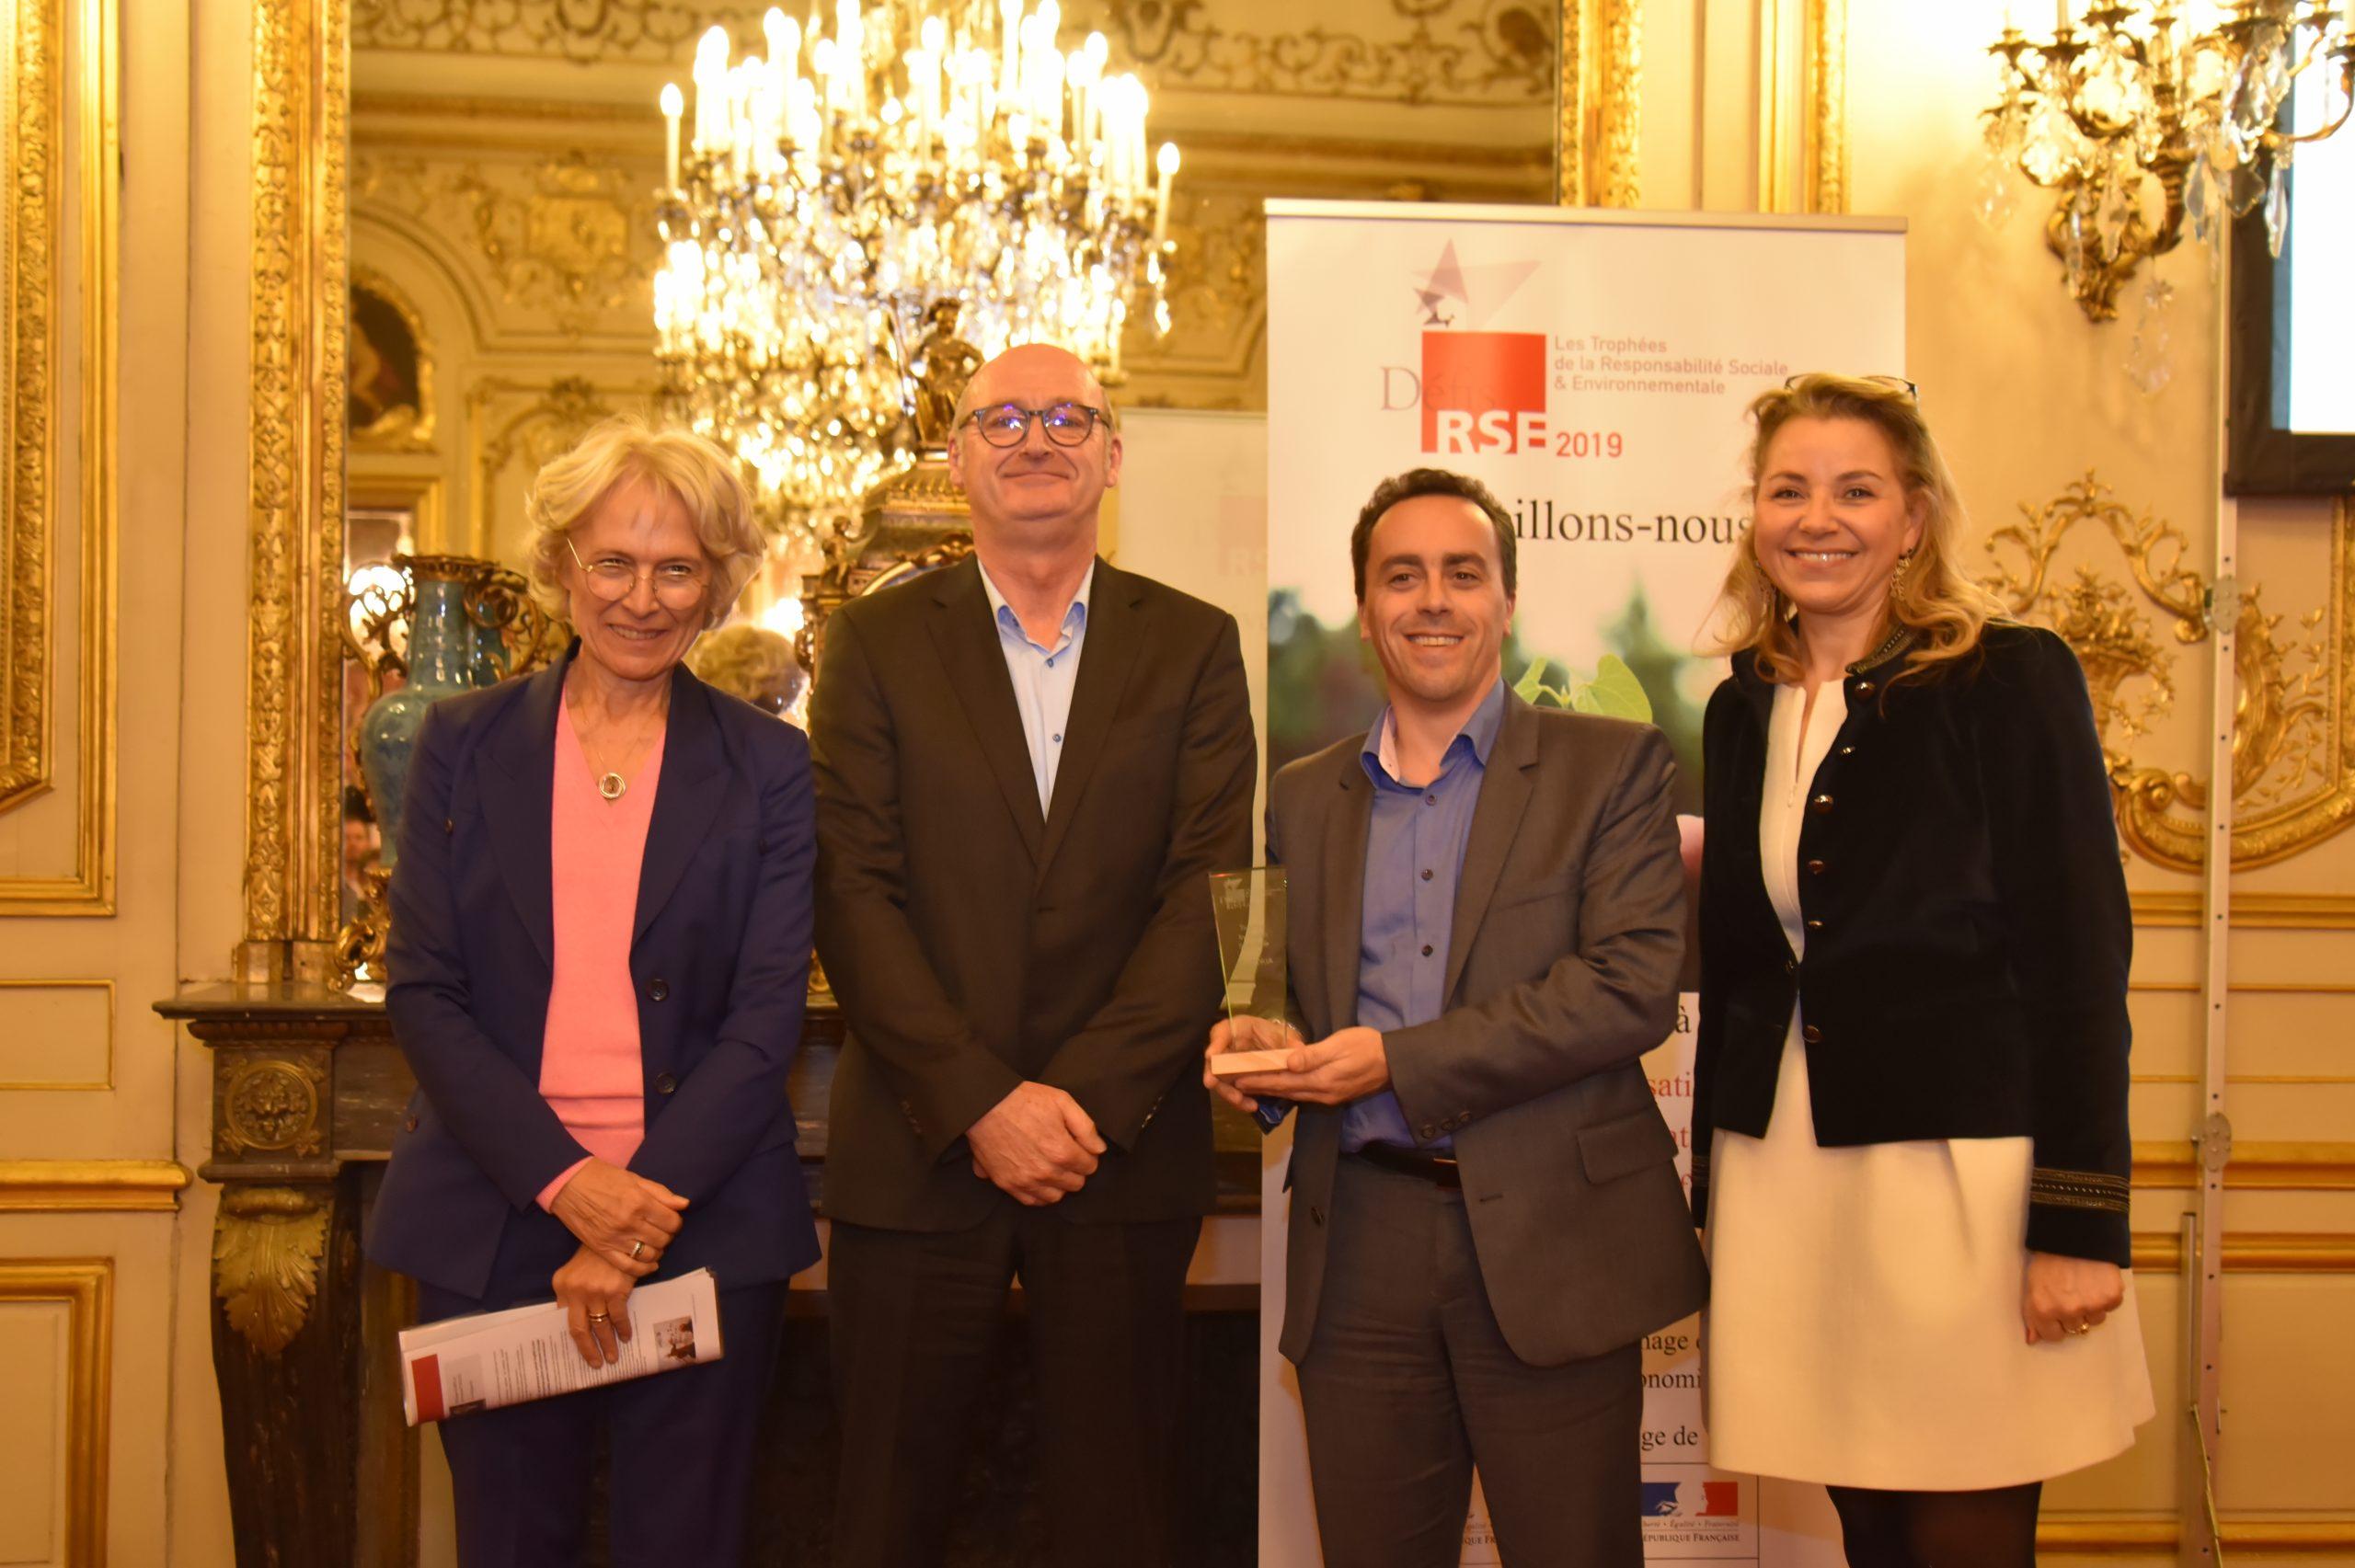 Trophée Défis RSE 2019 Inclusion Sociétale : Remettant : Danielle Deruy, AEF – Lauréat : RESTORIA, Emmanuel Saulou et Philippe COMTE